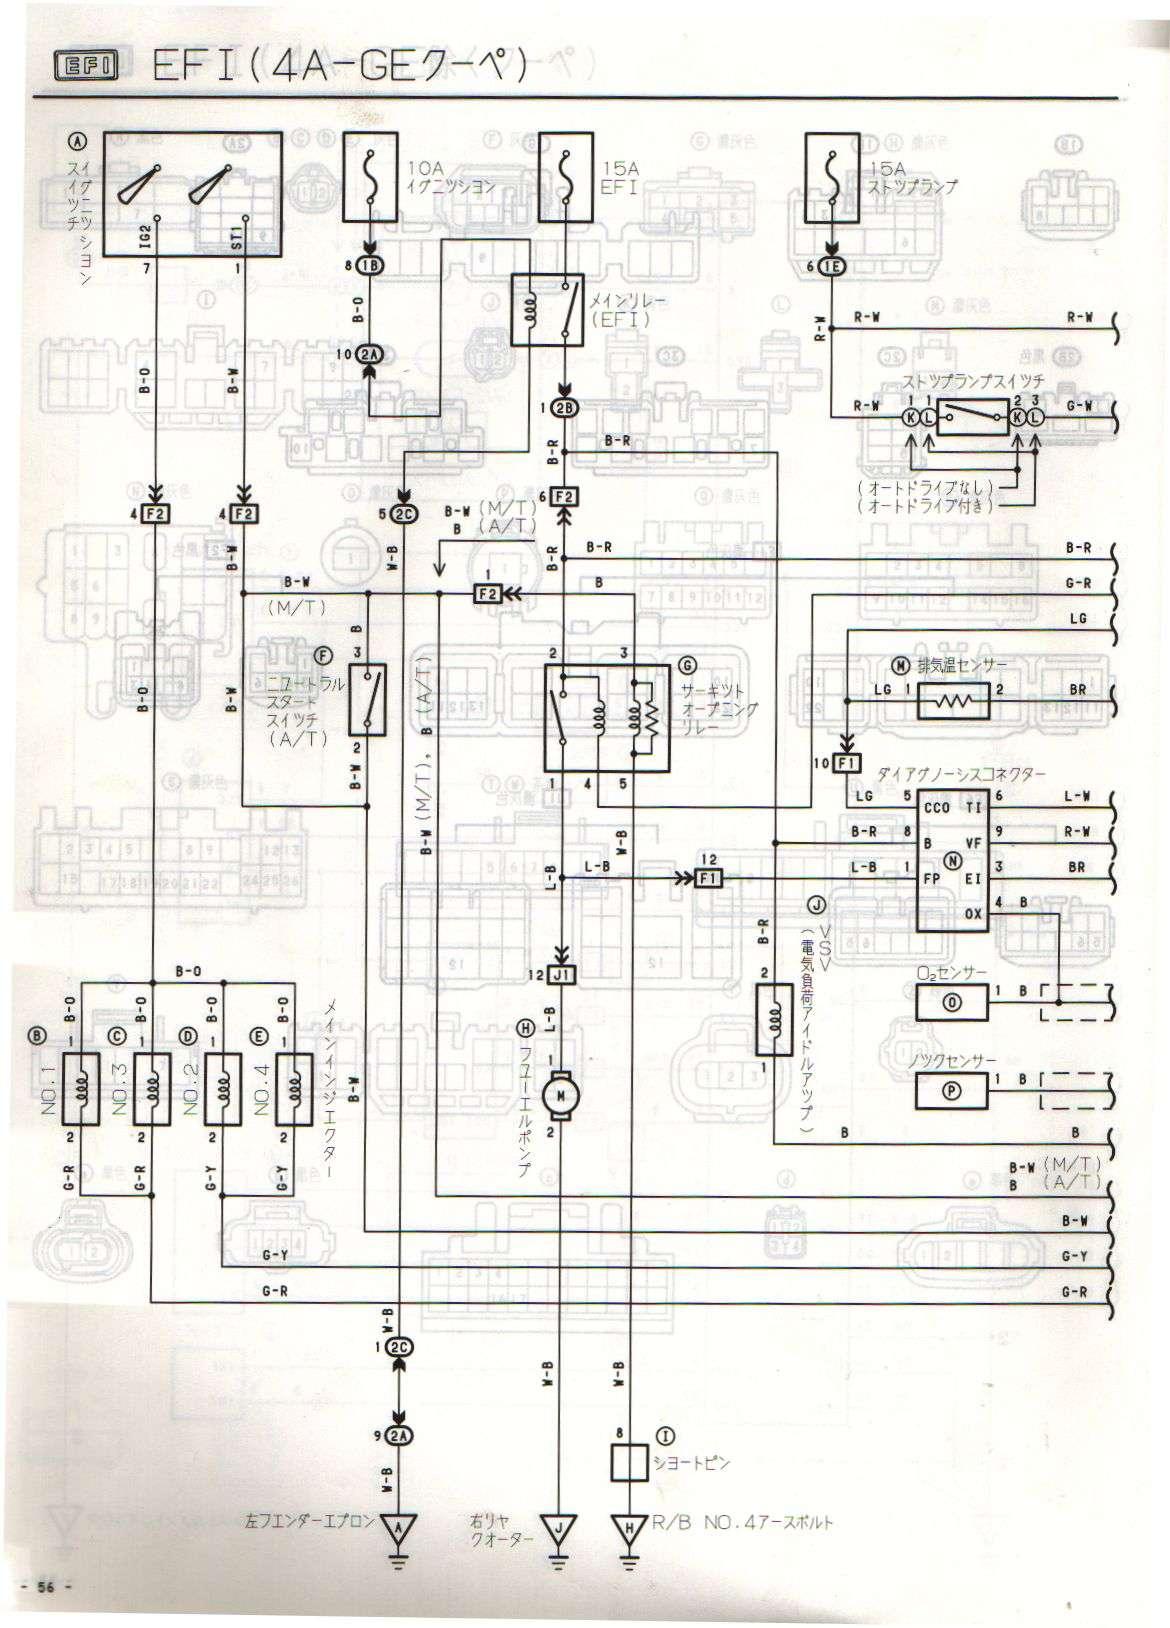 [ZHKZ_3066]  LB_3892] Wiring Diagram 1986 Toyota Corolla Gts Engine Jdm Toyota Jdm  Toyota Wiring Diagram | 20v Wiring Diagram |  | Onom Ical Perm Sple Hendil Mohammedshrine Librar Wiring 101